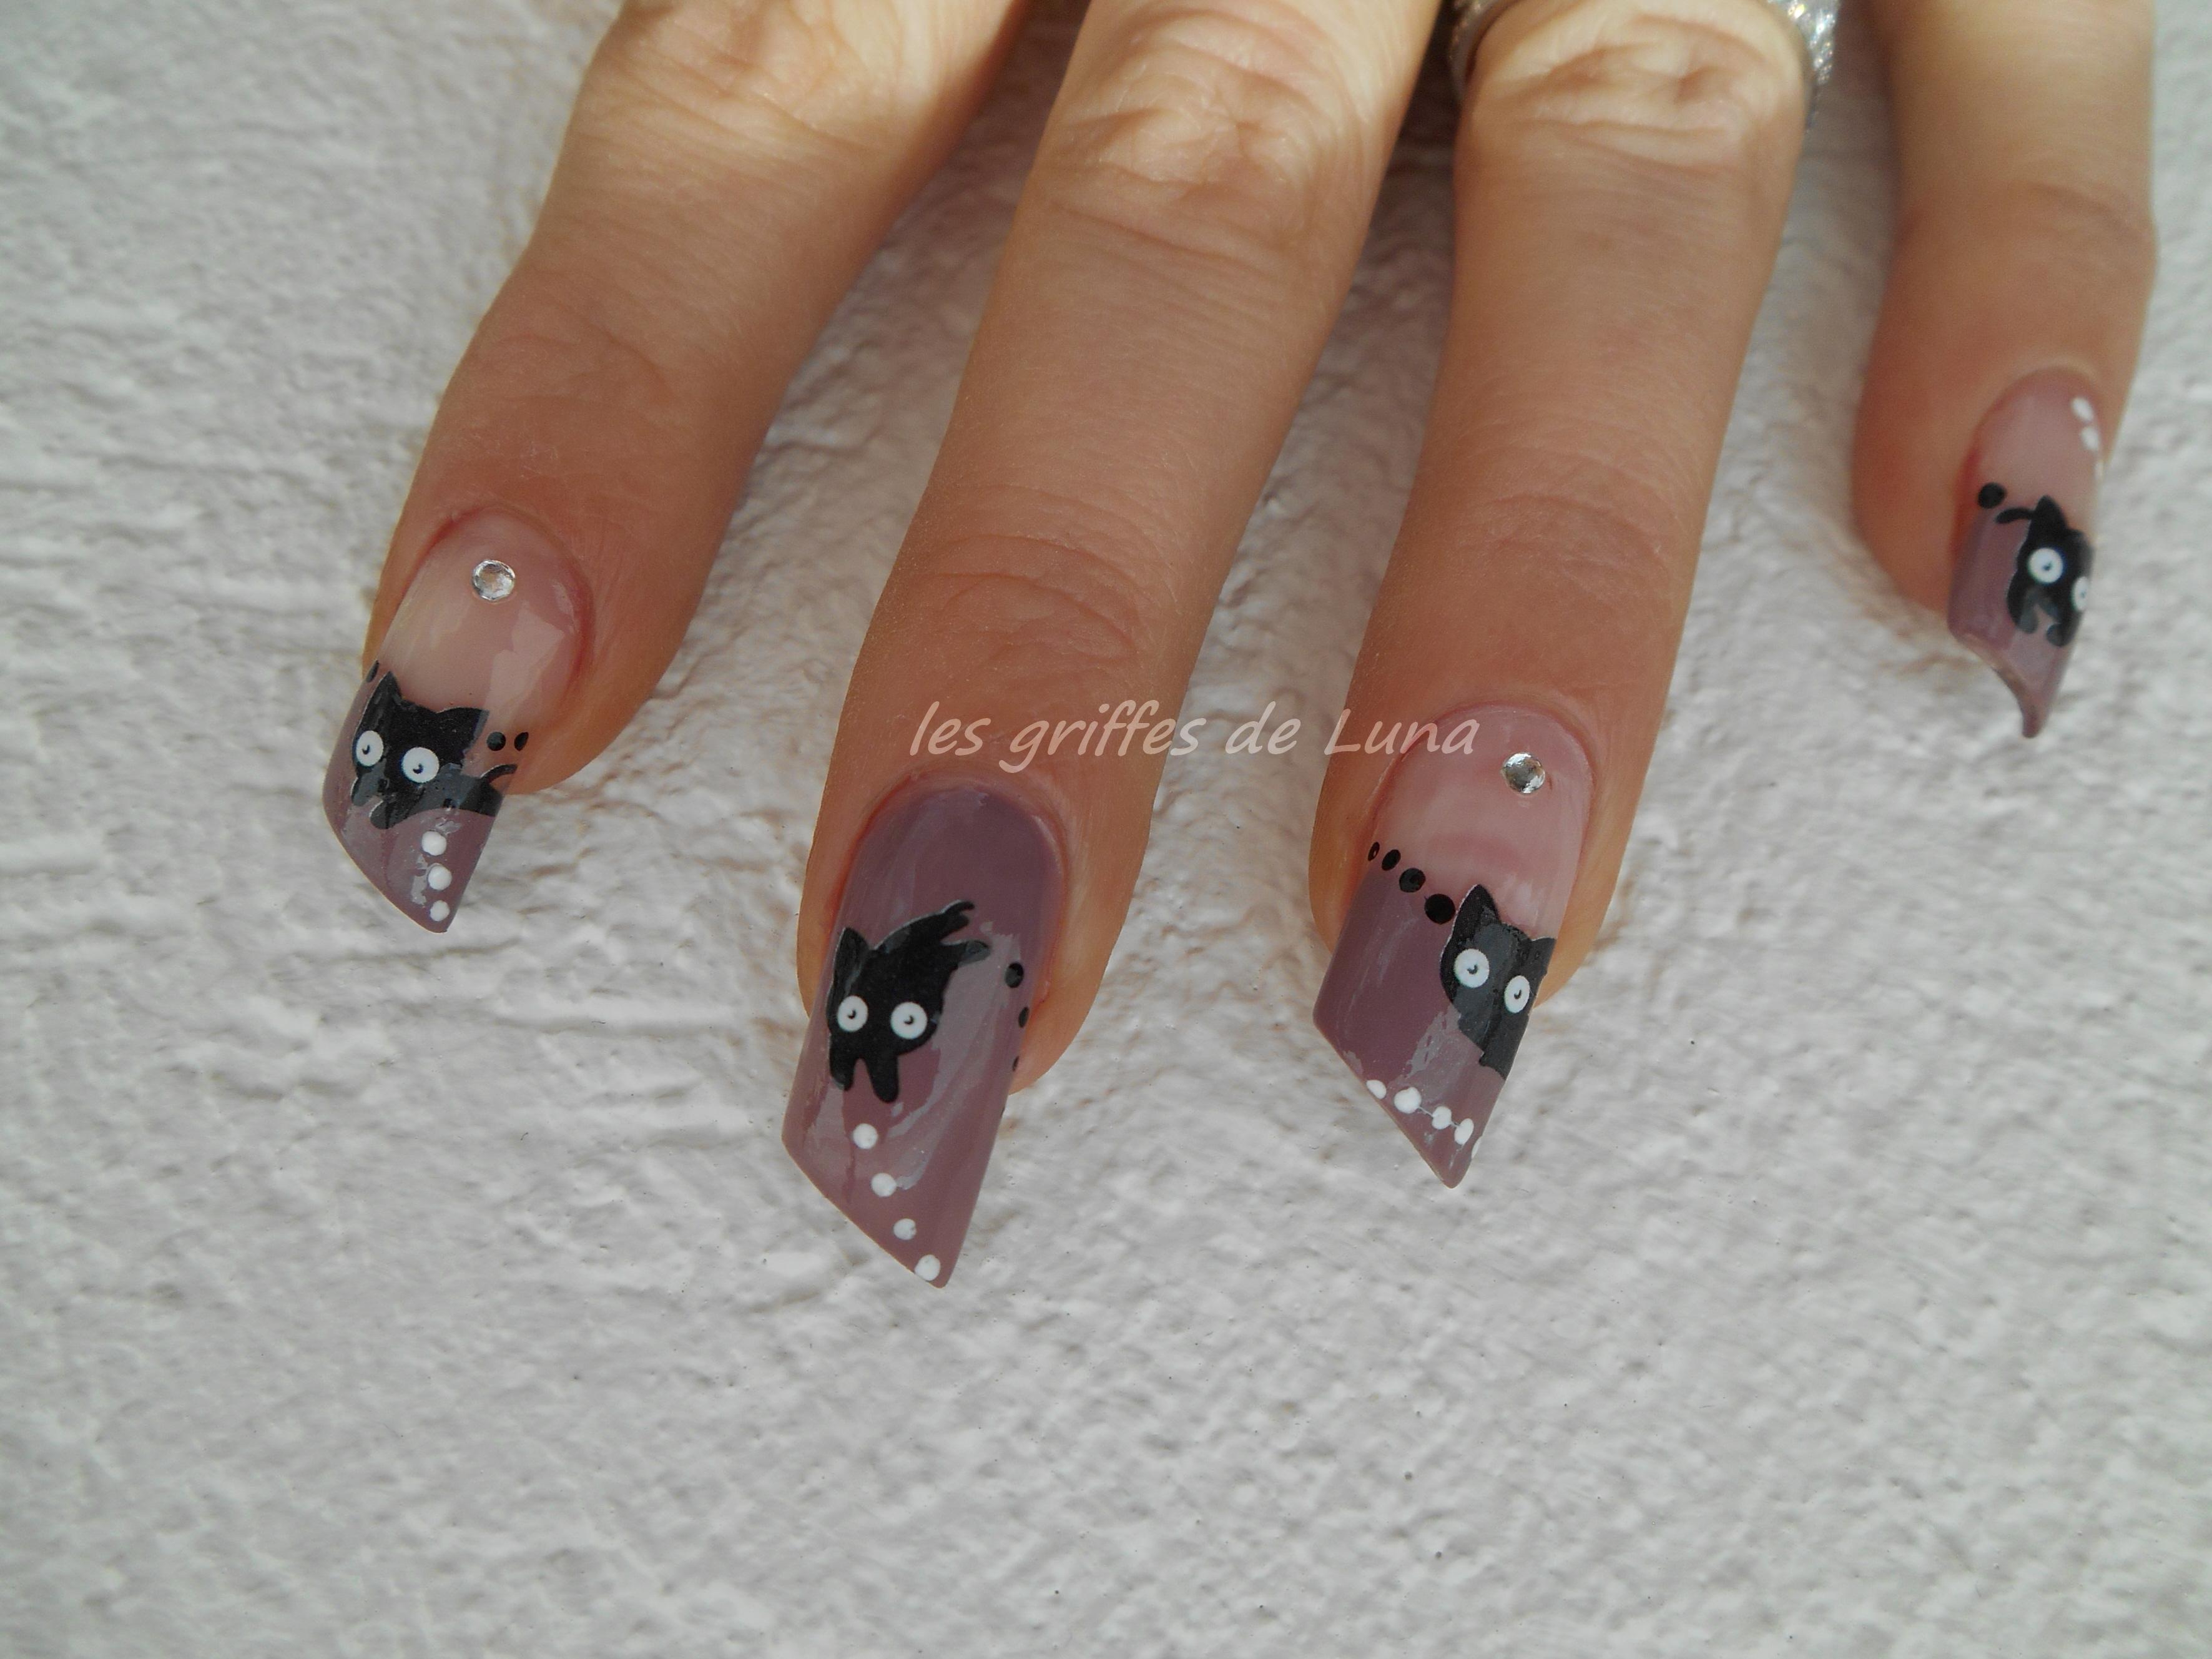 Nail art chat mignon les griffes de luna - Nail art chat ...